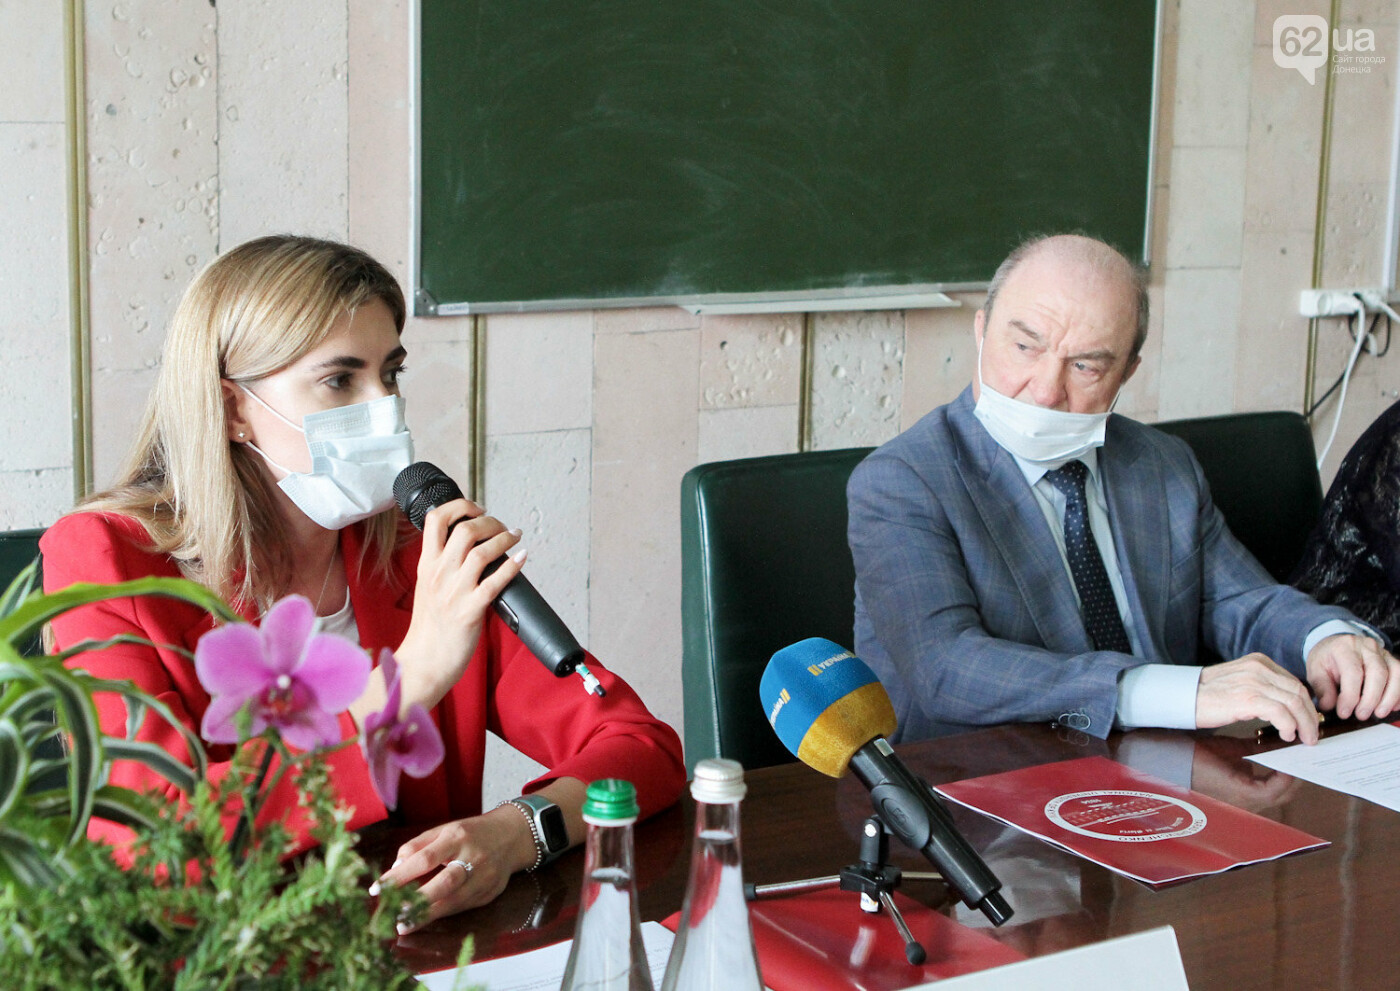 При содействии Бориса Колесникова в Украине появилась первая лаборатория симуляционного тренинга , фото-6